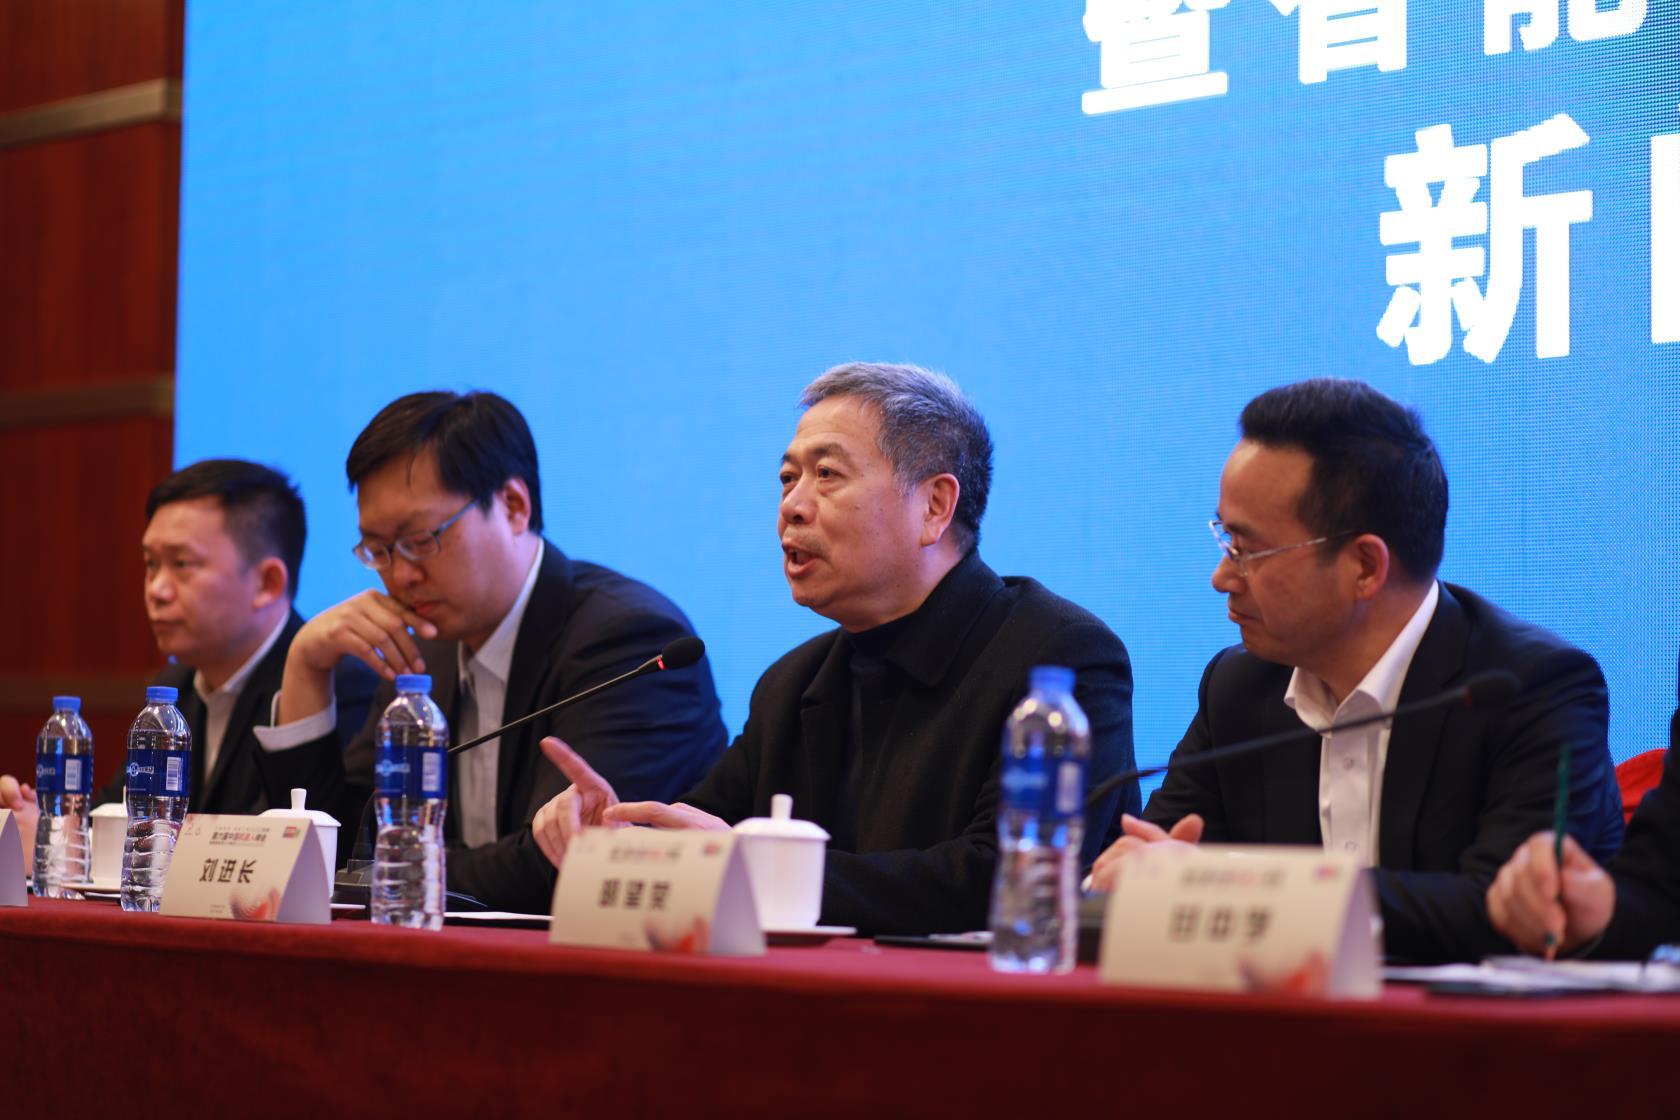 第六届中国机器人峰会新闻发布会暨宁波余姚招商引智推介会在北京举行